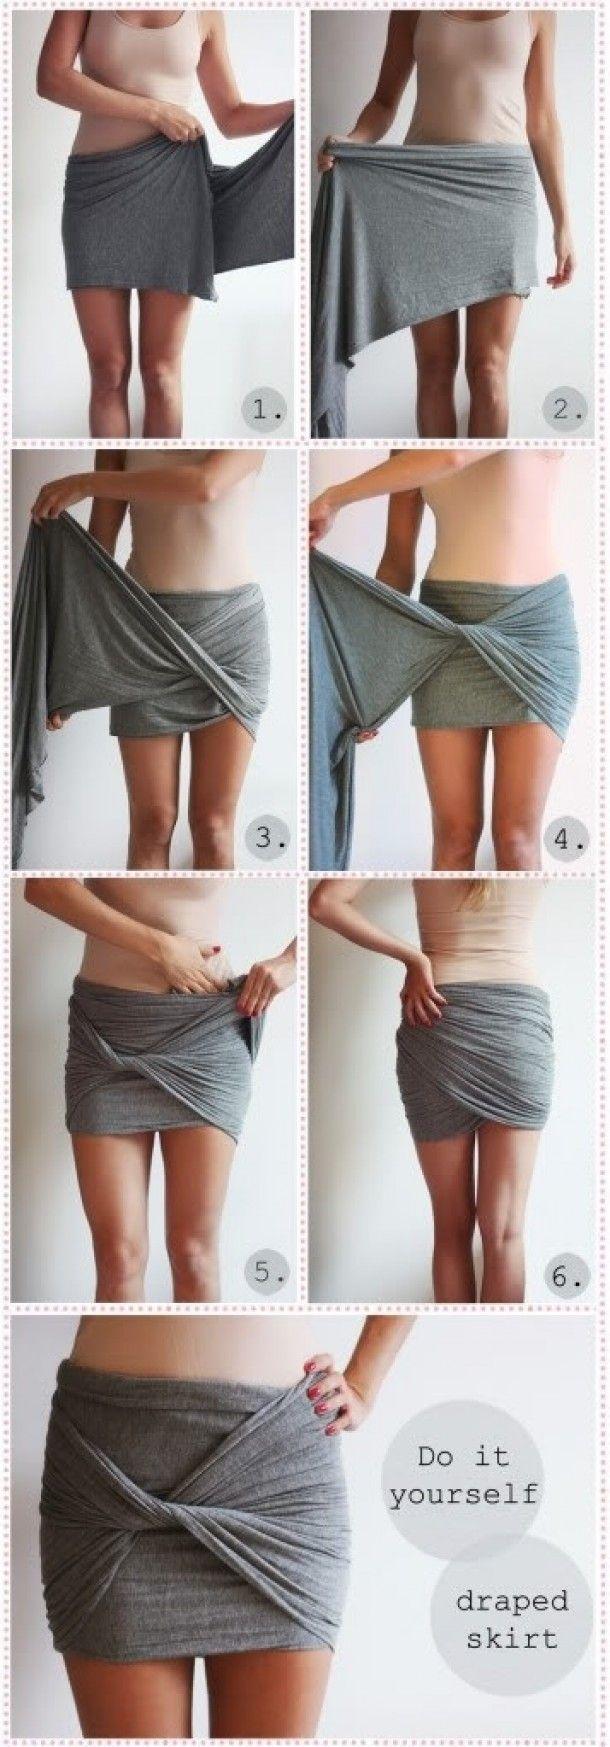 zelf kleding maken | van sjaal tot rokje Door hihihi